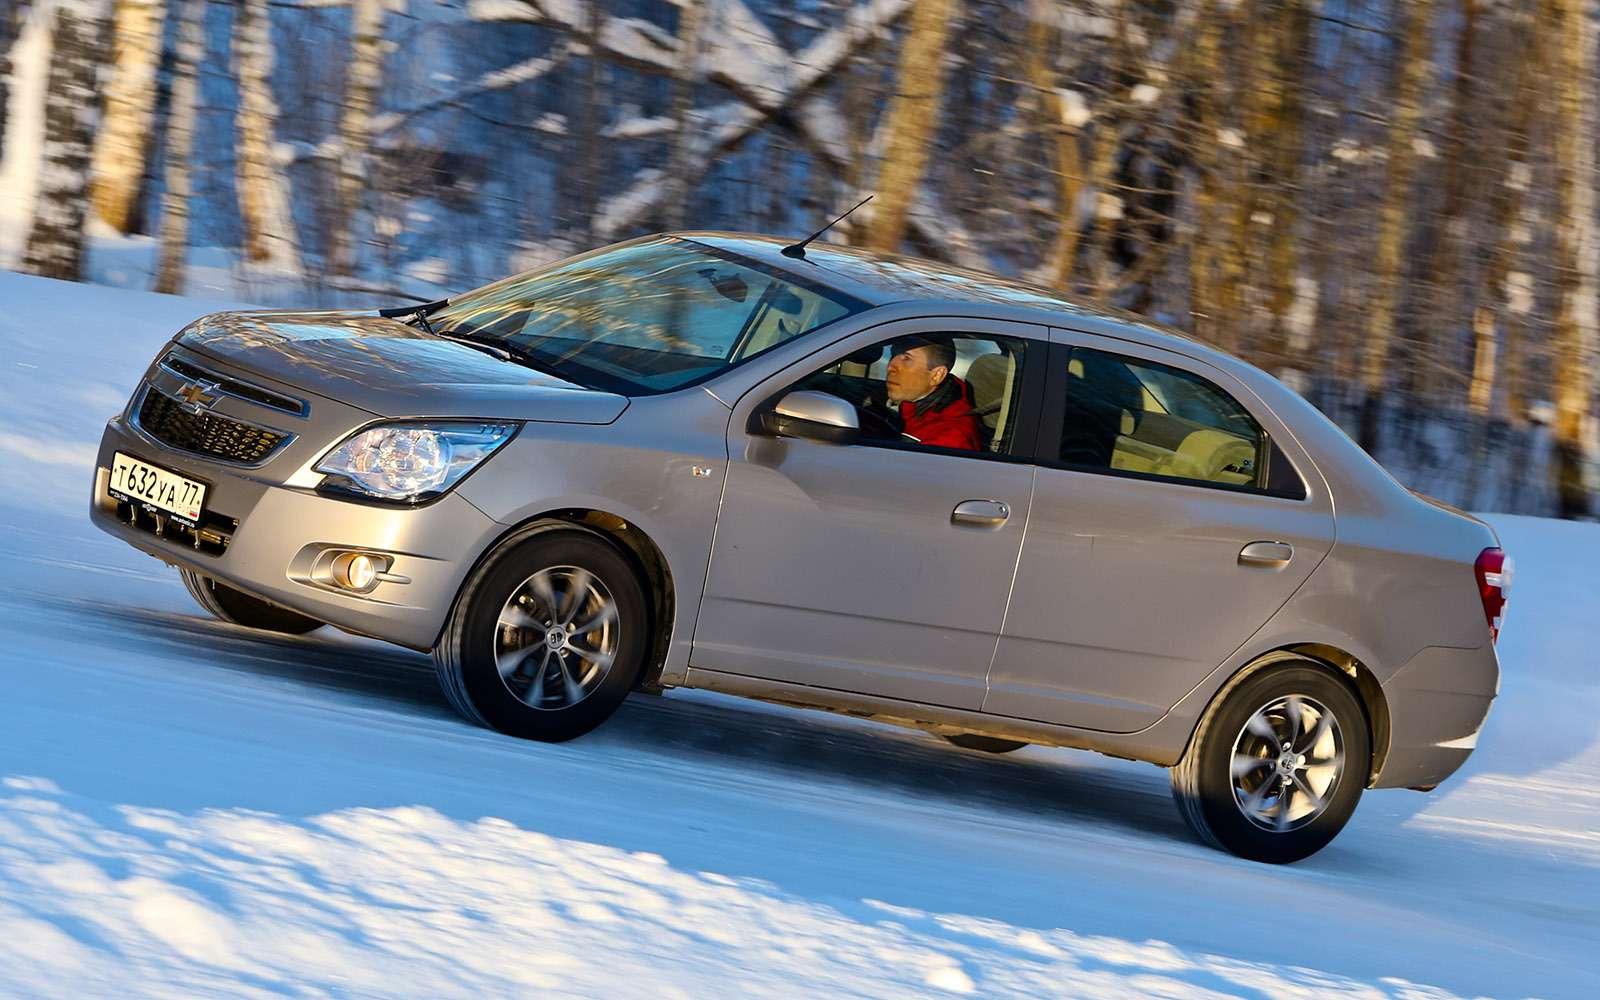 Chevrolet Cobalt после 68тыс. км: дневник домового— фото 670421